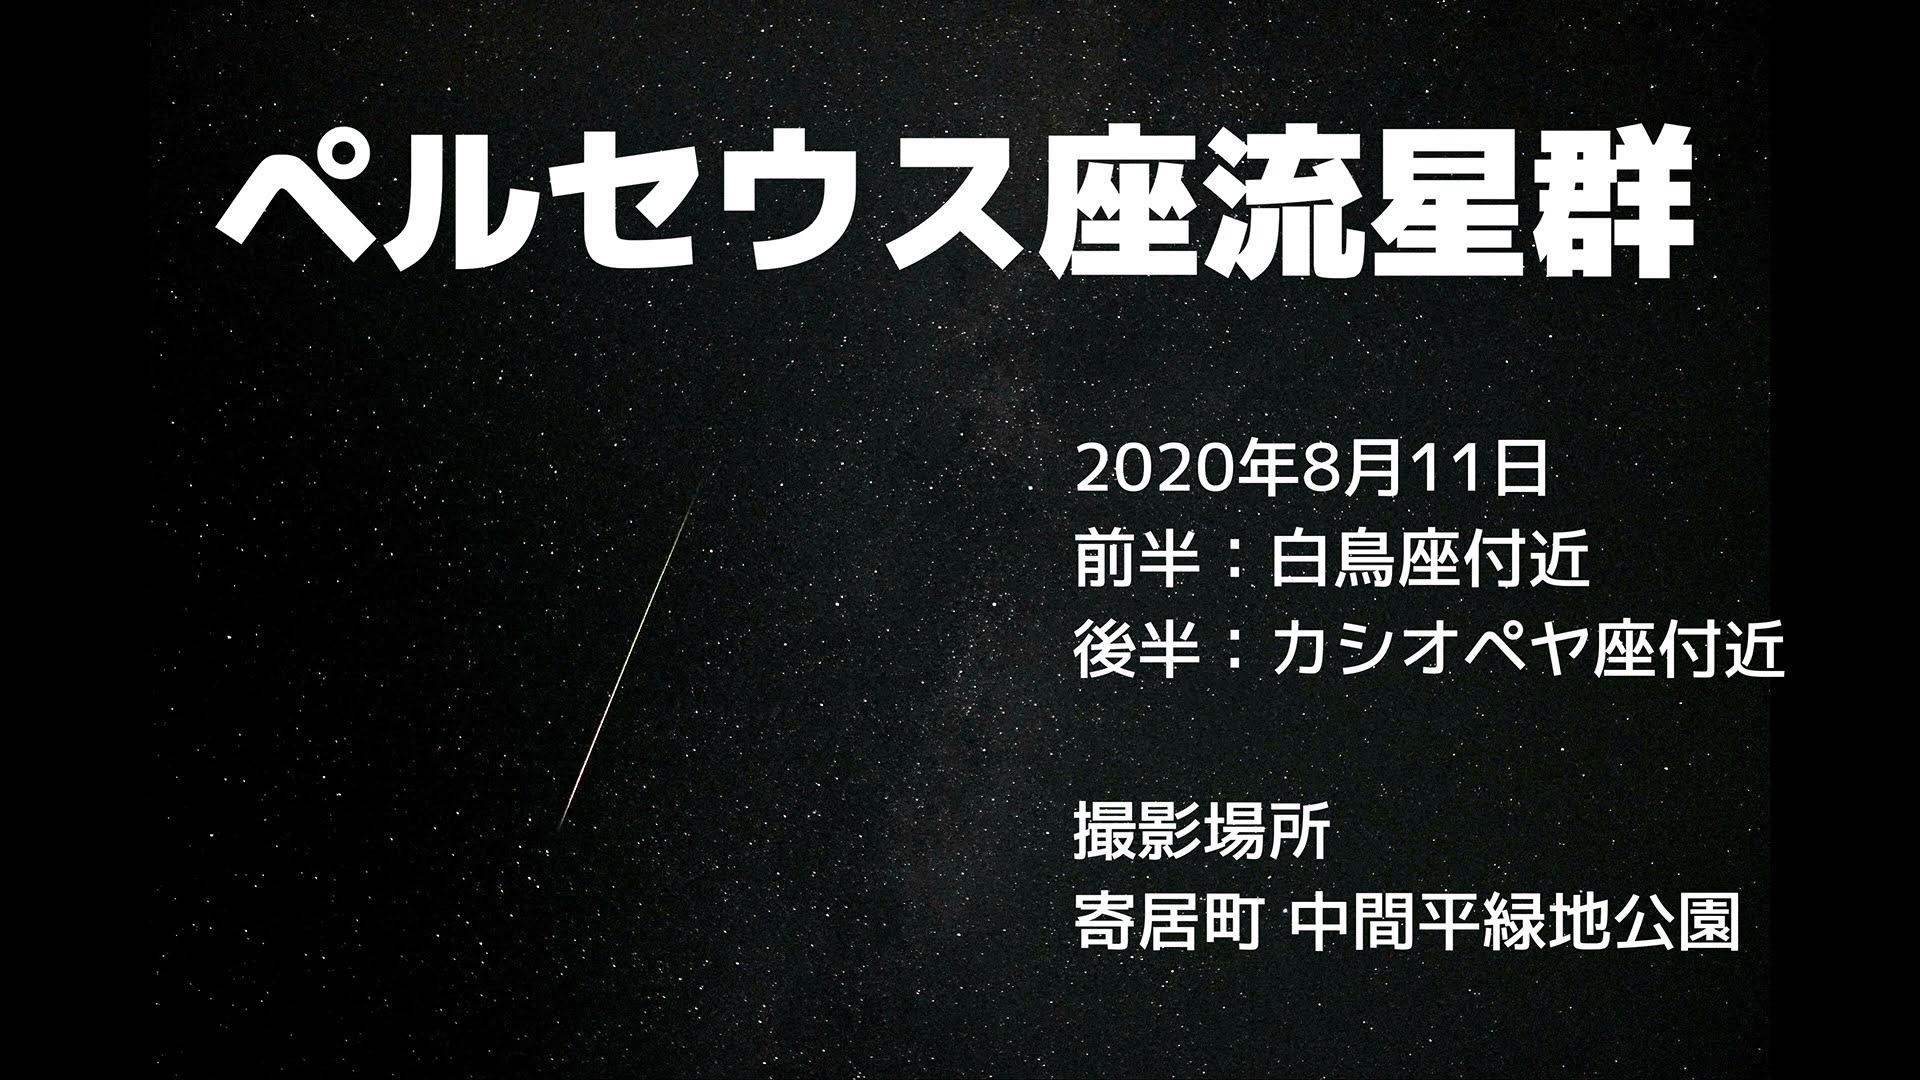 ペルセウス座流星群 タイムラプス動画(8月11日バージョン)